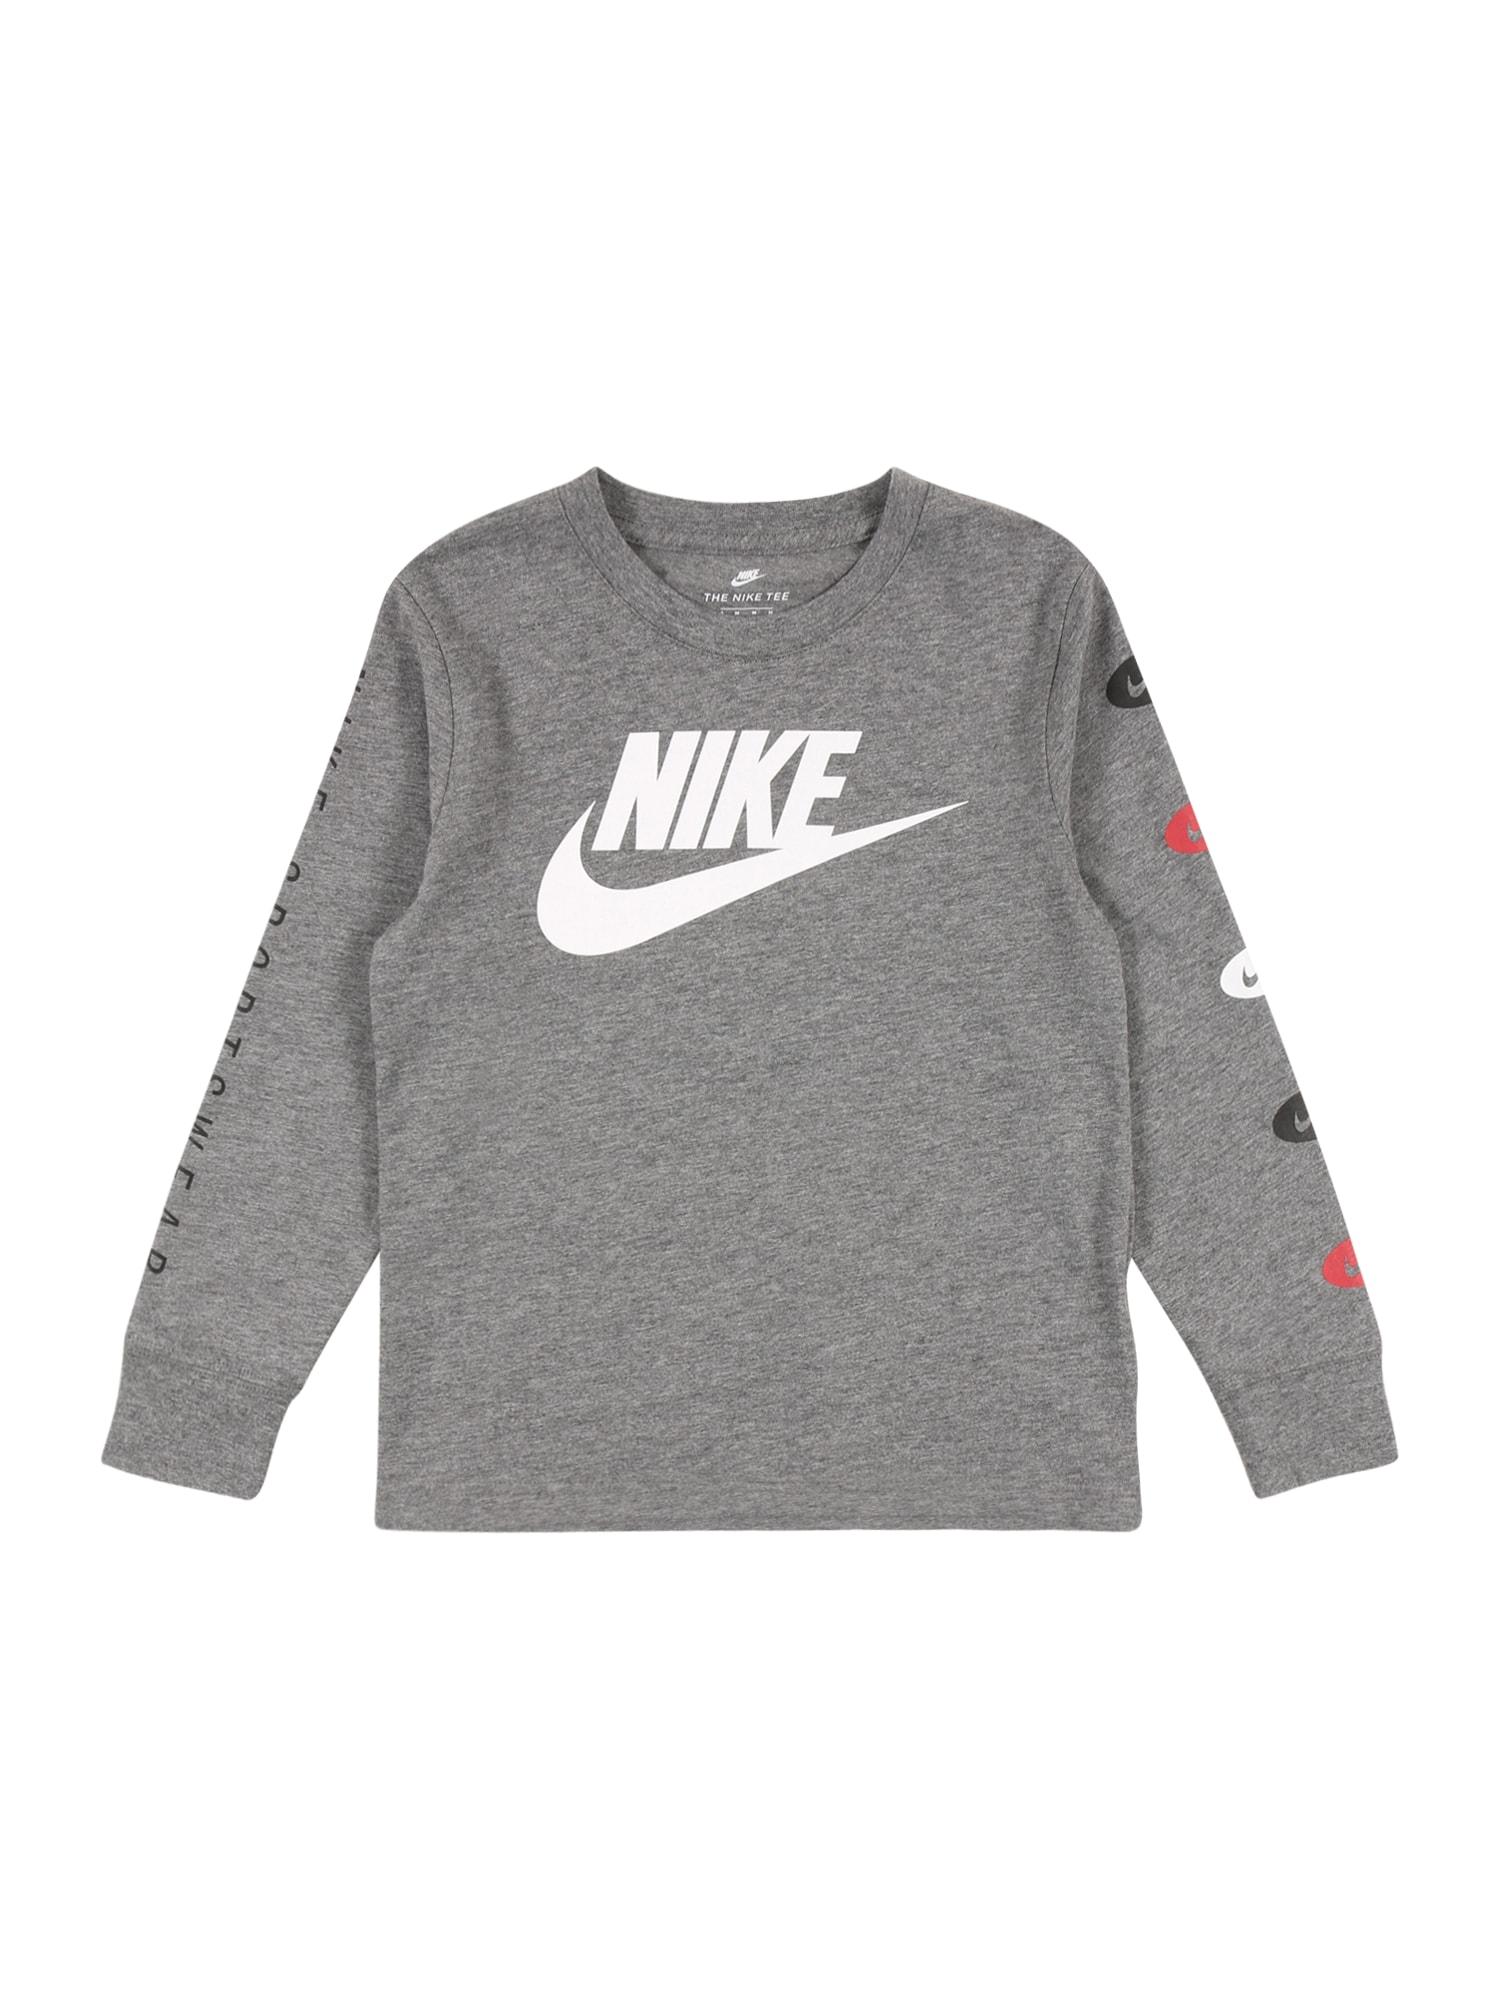 Nike Sportswear Tričko  šedý melír / bílá / černá / červená